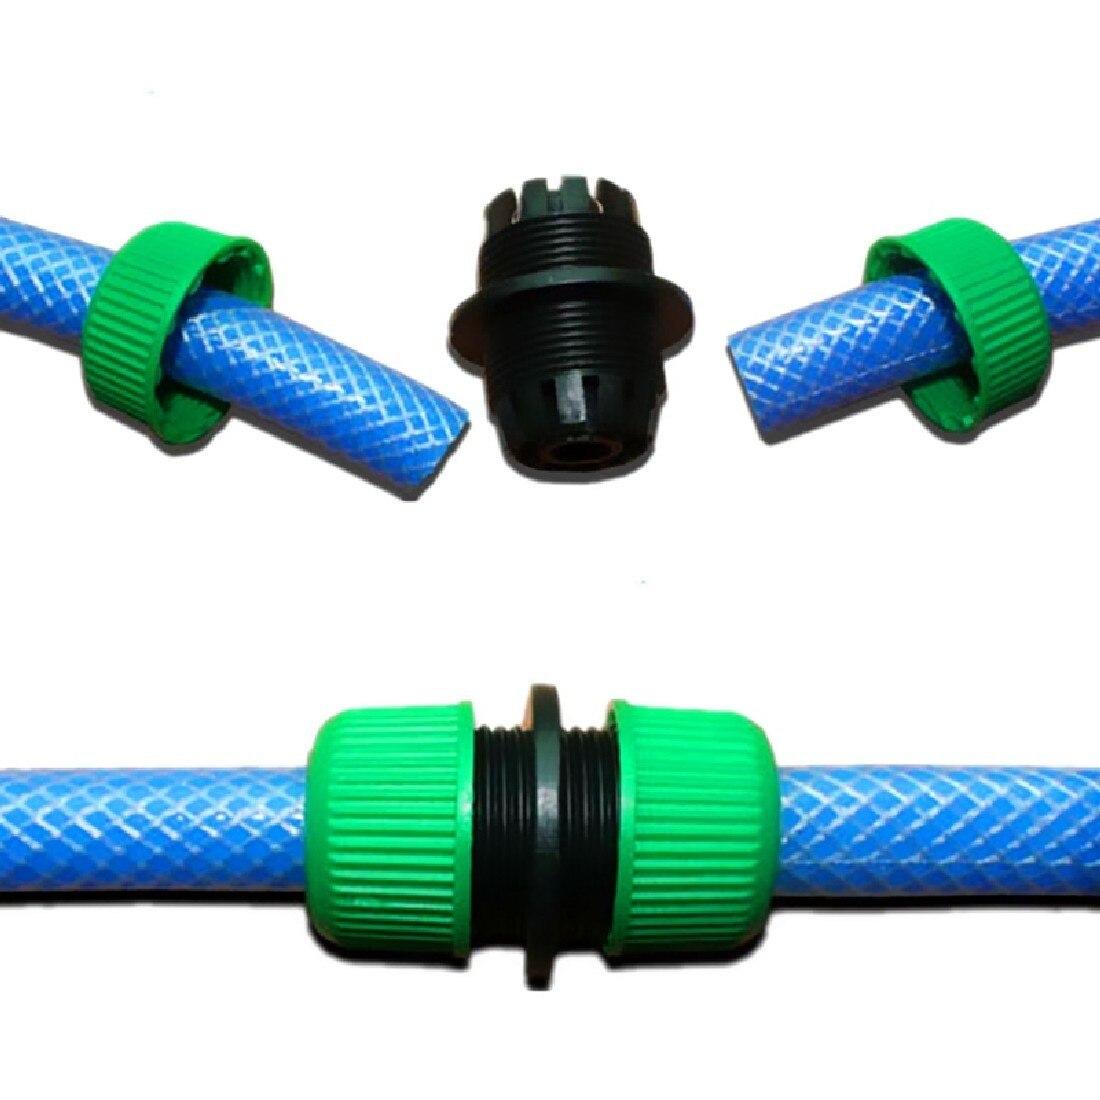 1 garden hose. 1 X Garden Hose Connector I